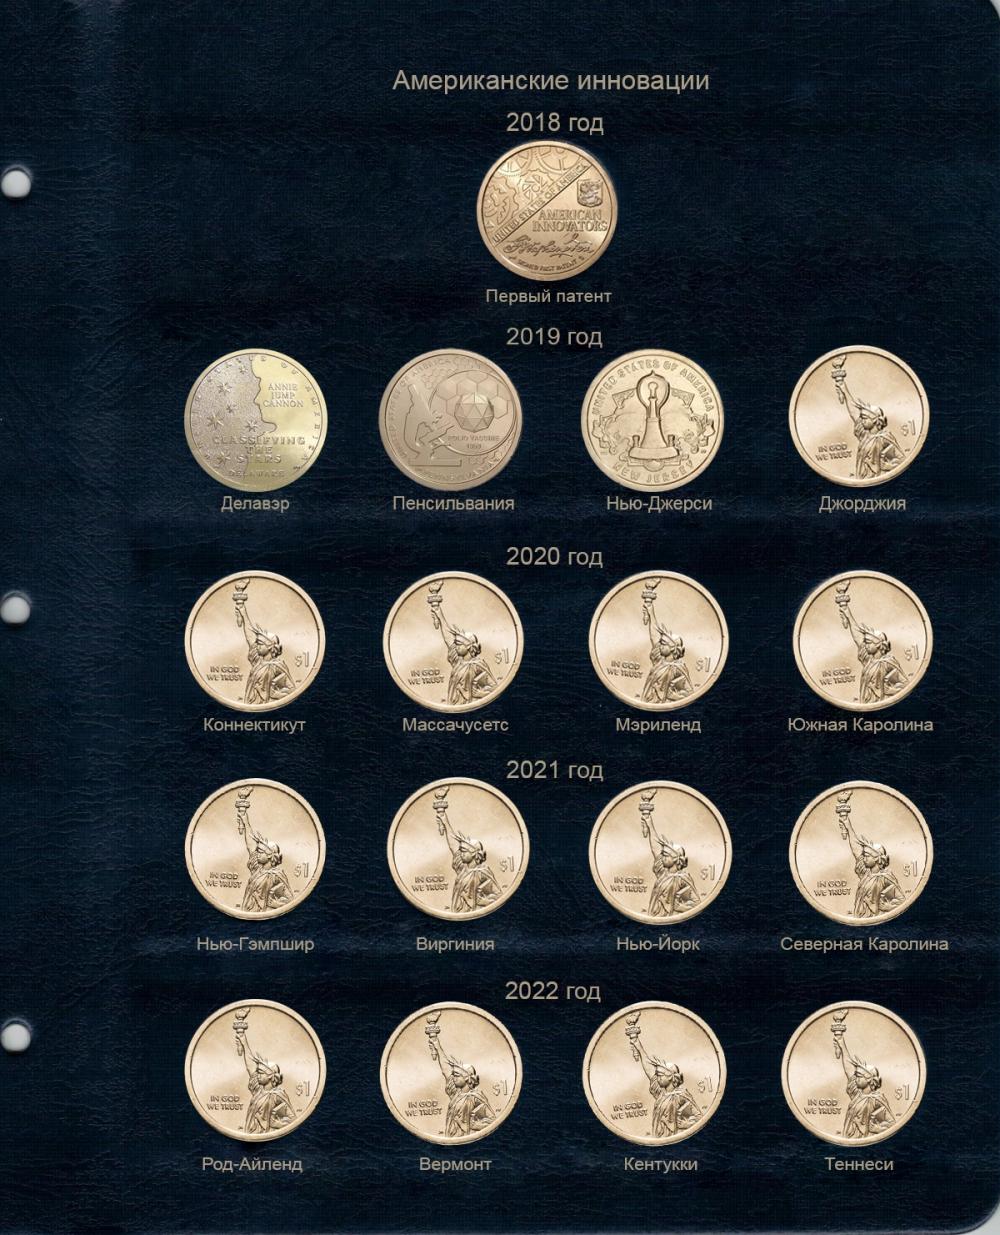 """Комплект листов для памятных монет США 1 доллар серии """"Американские инновации"""" - 1"""